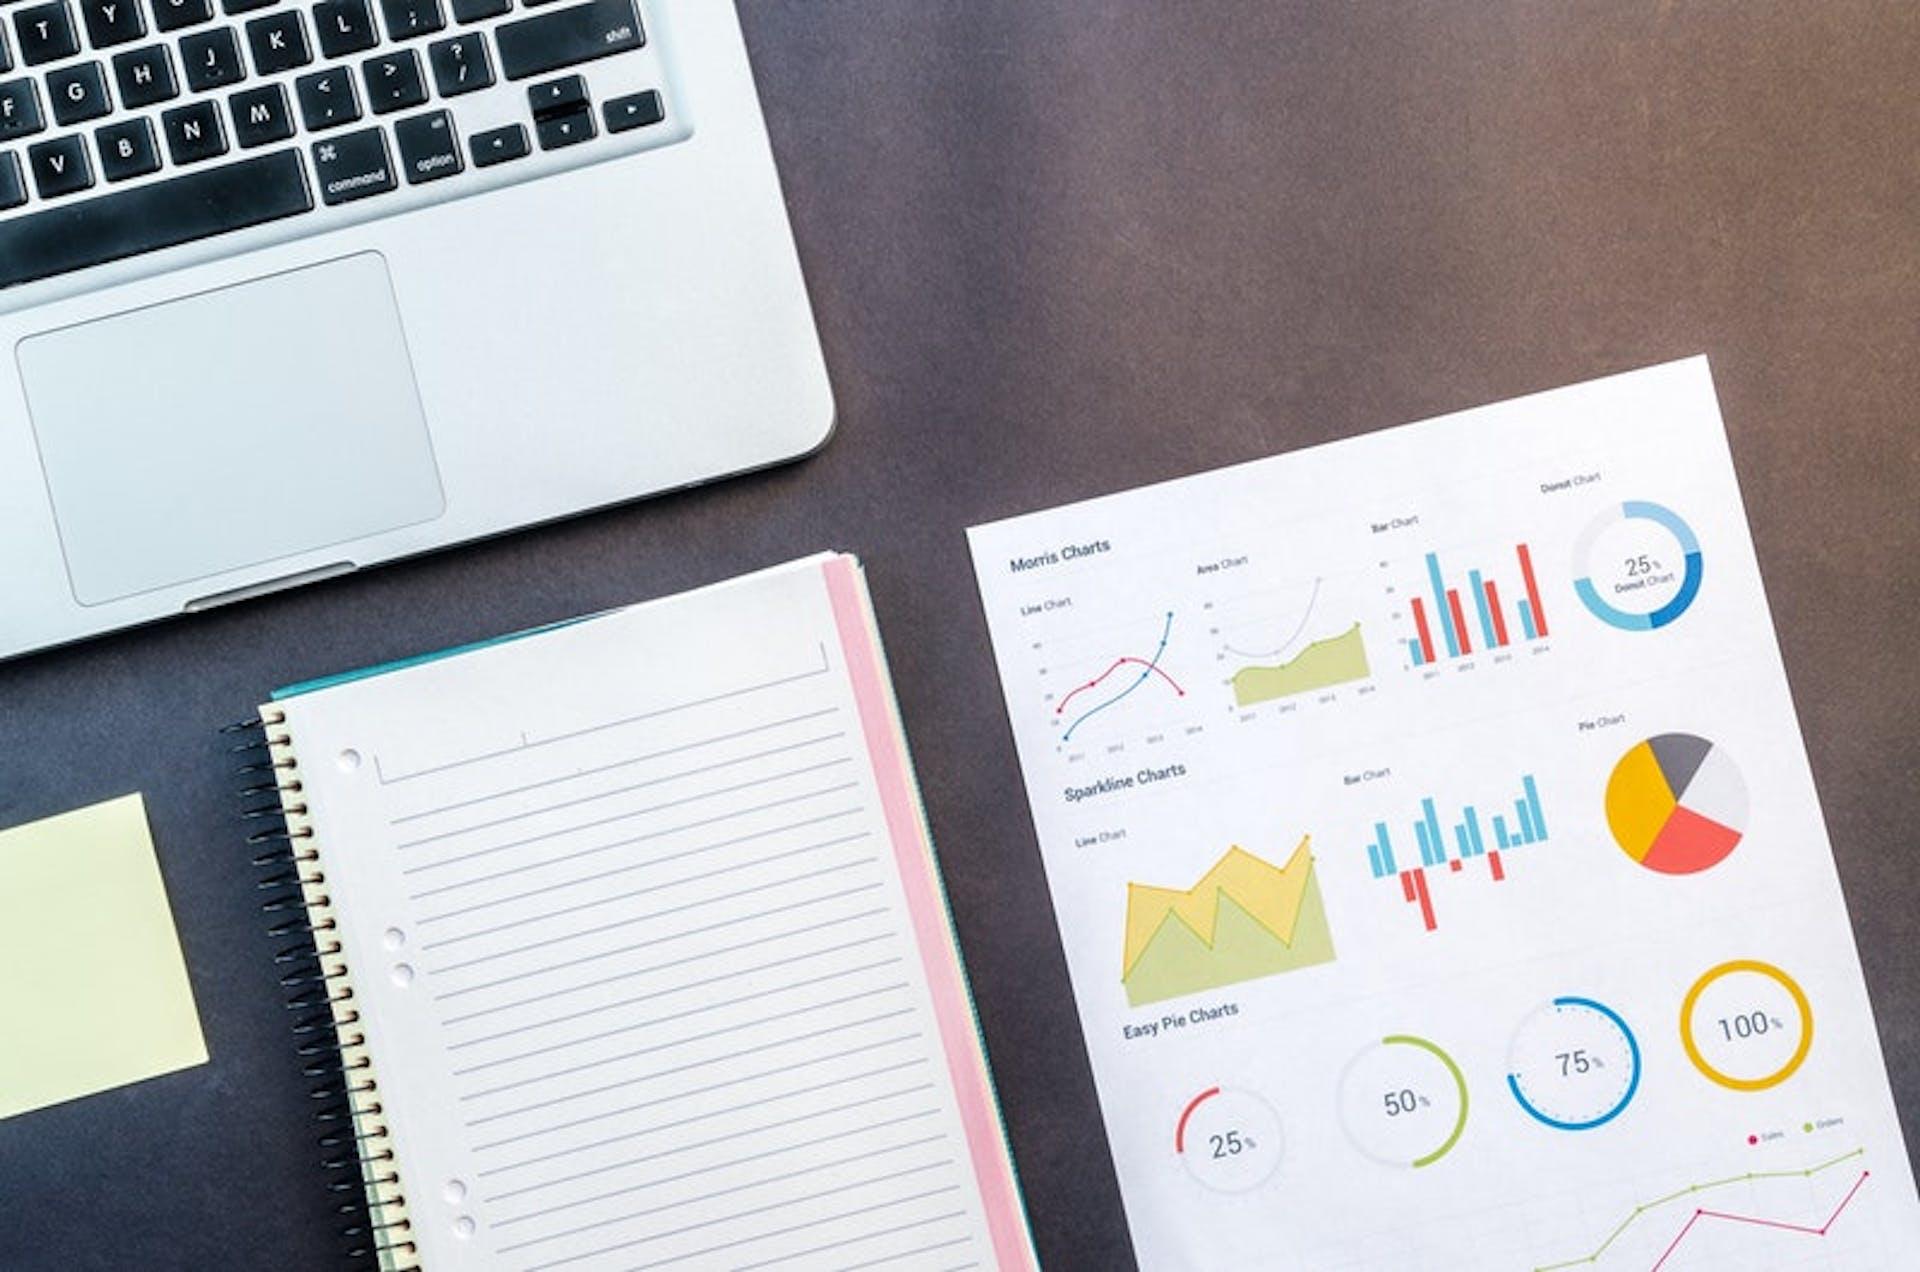 Descubre el outbound marketing y mejora tu estrategia de ventas